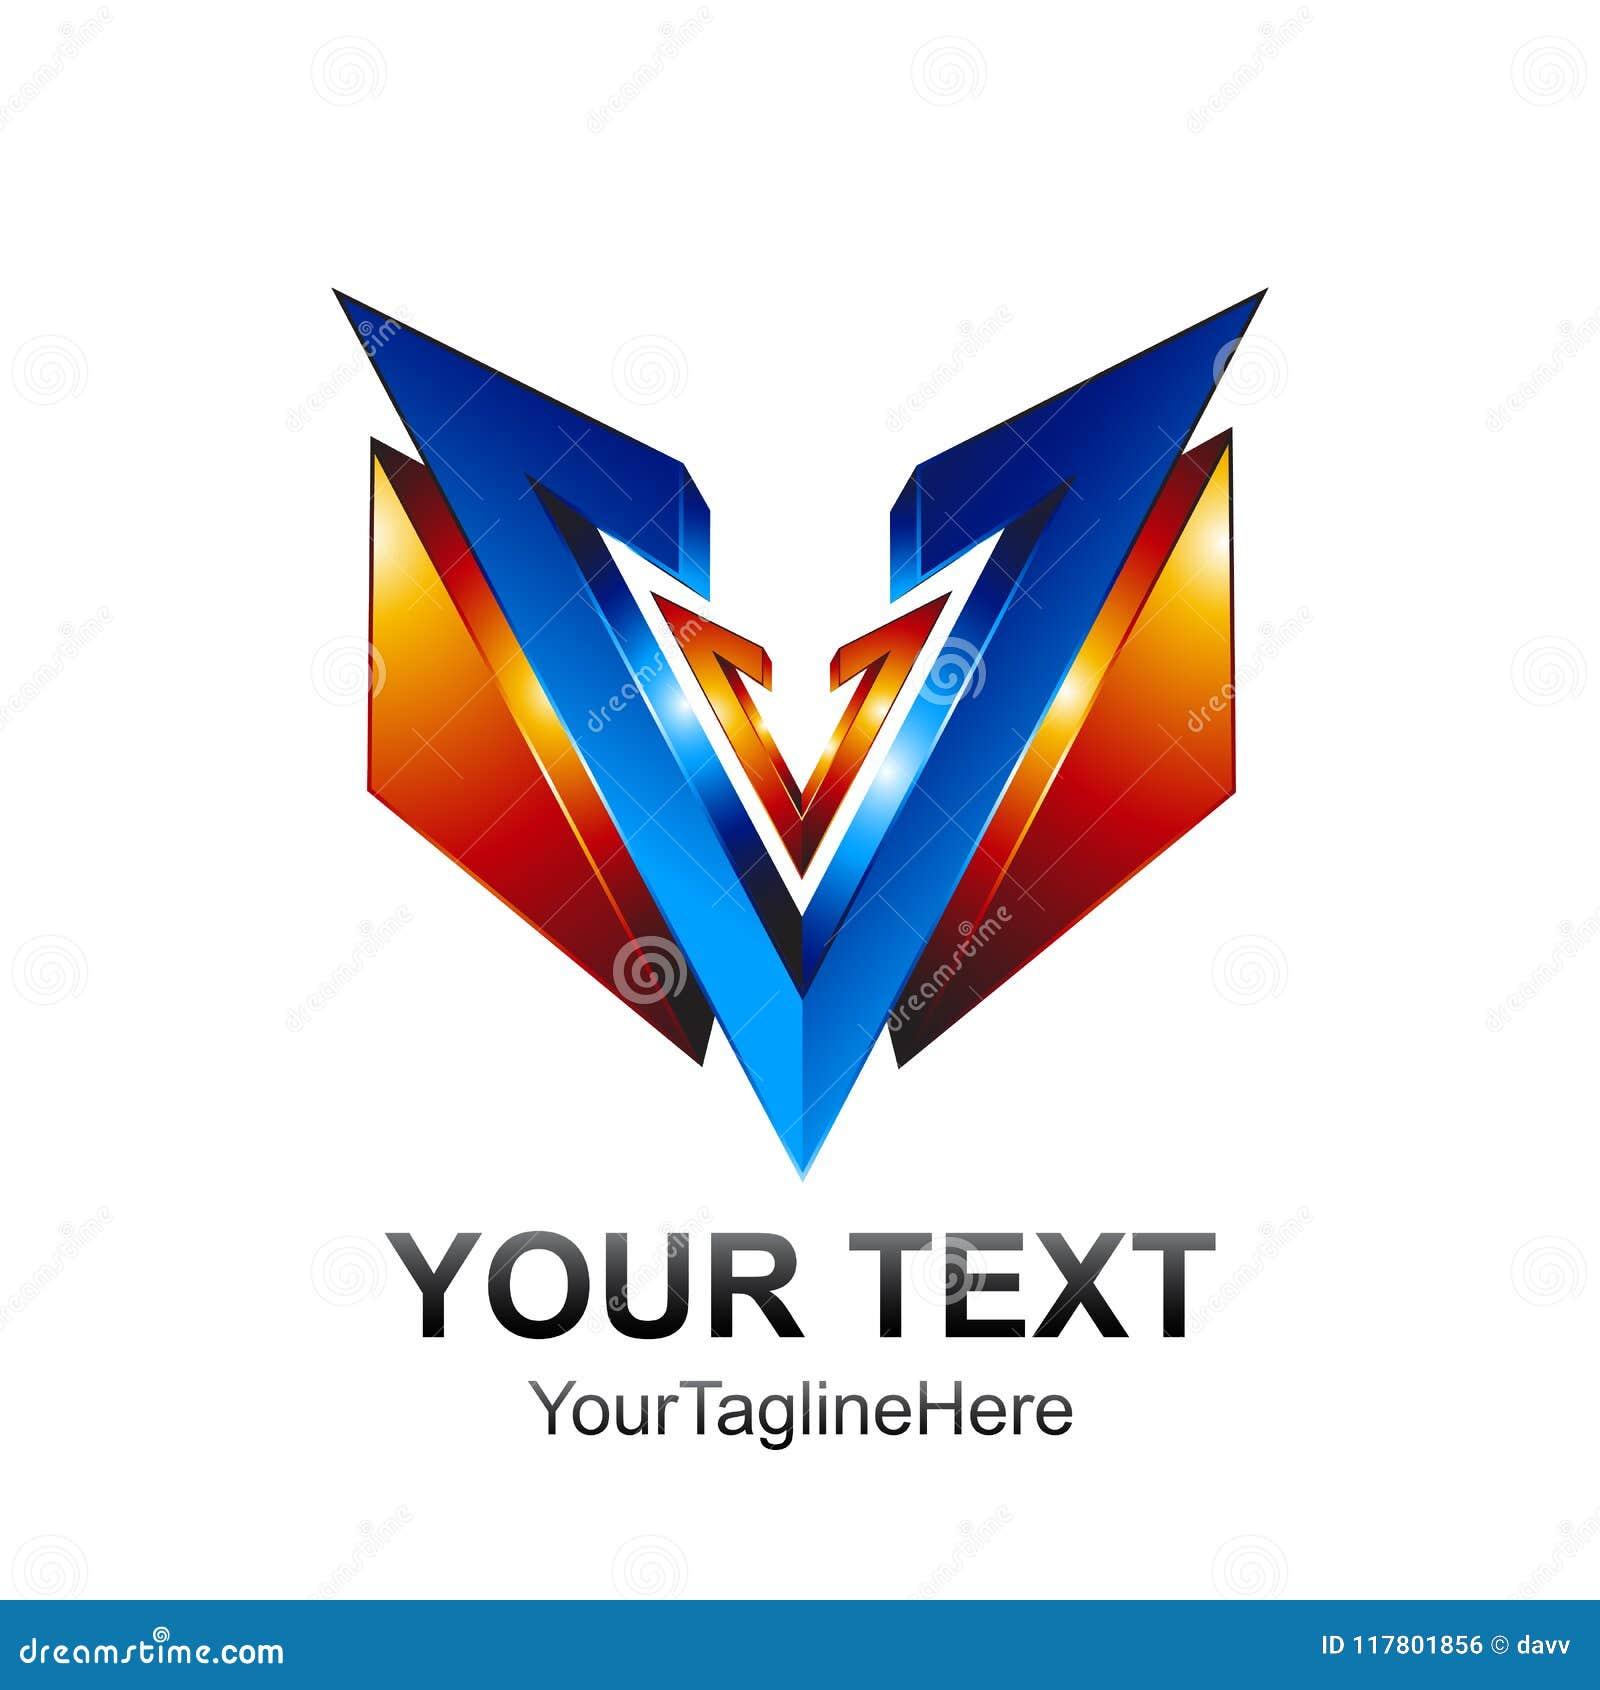 initial letter v logo template colored blue orange 3d shield des